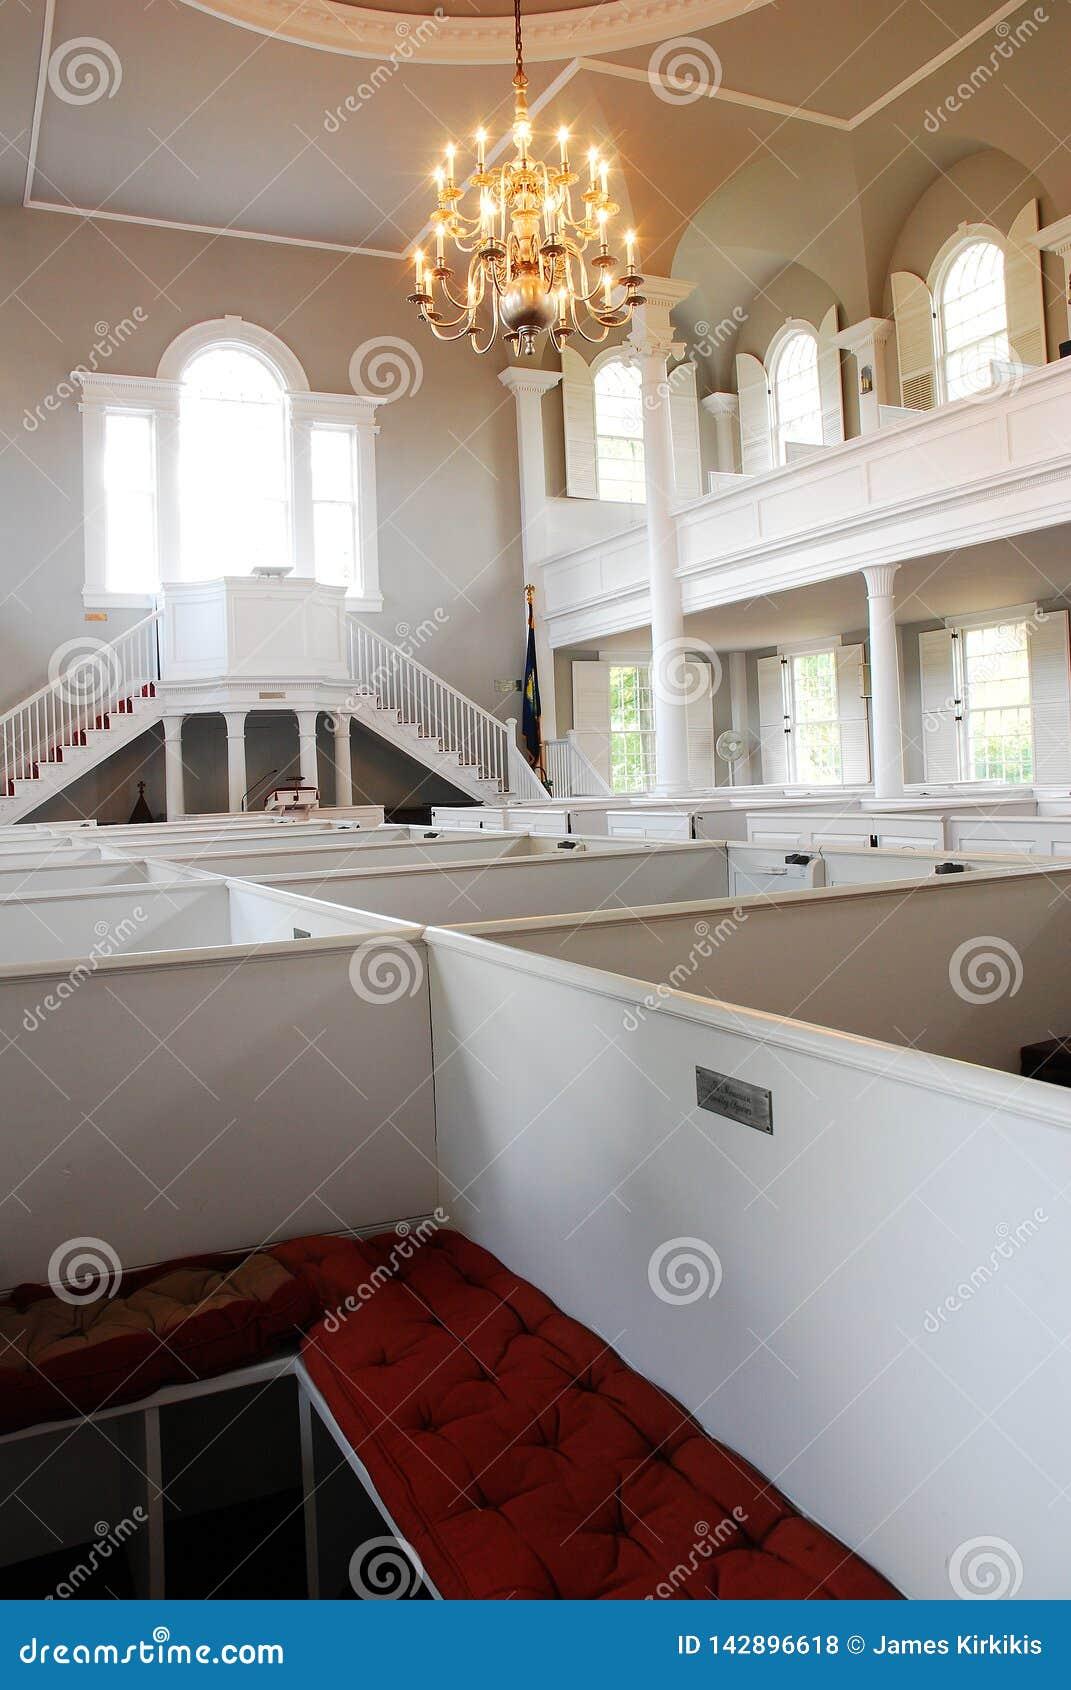 First Congregational Church, Bennington, Vermont